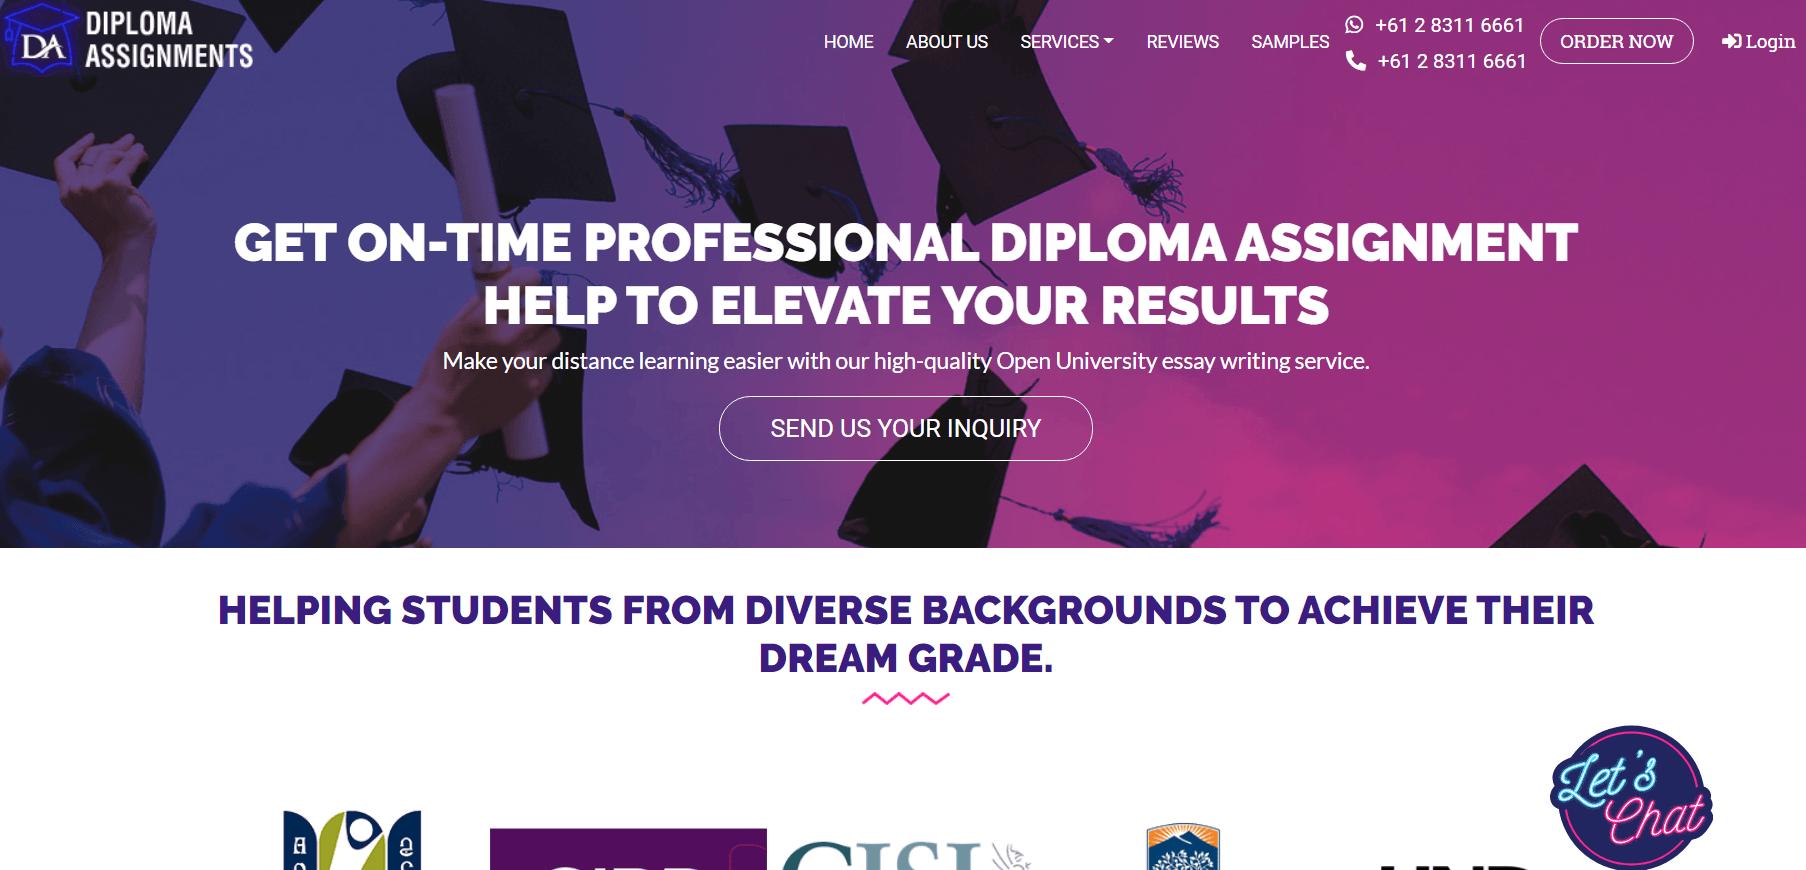 diplomaassignments.com